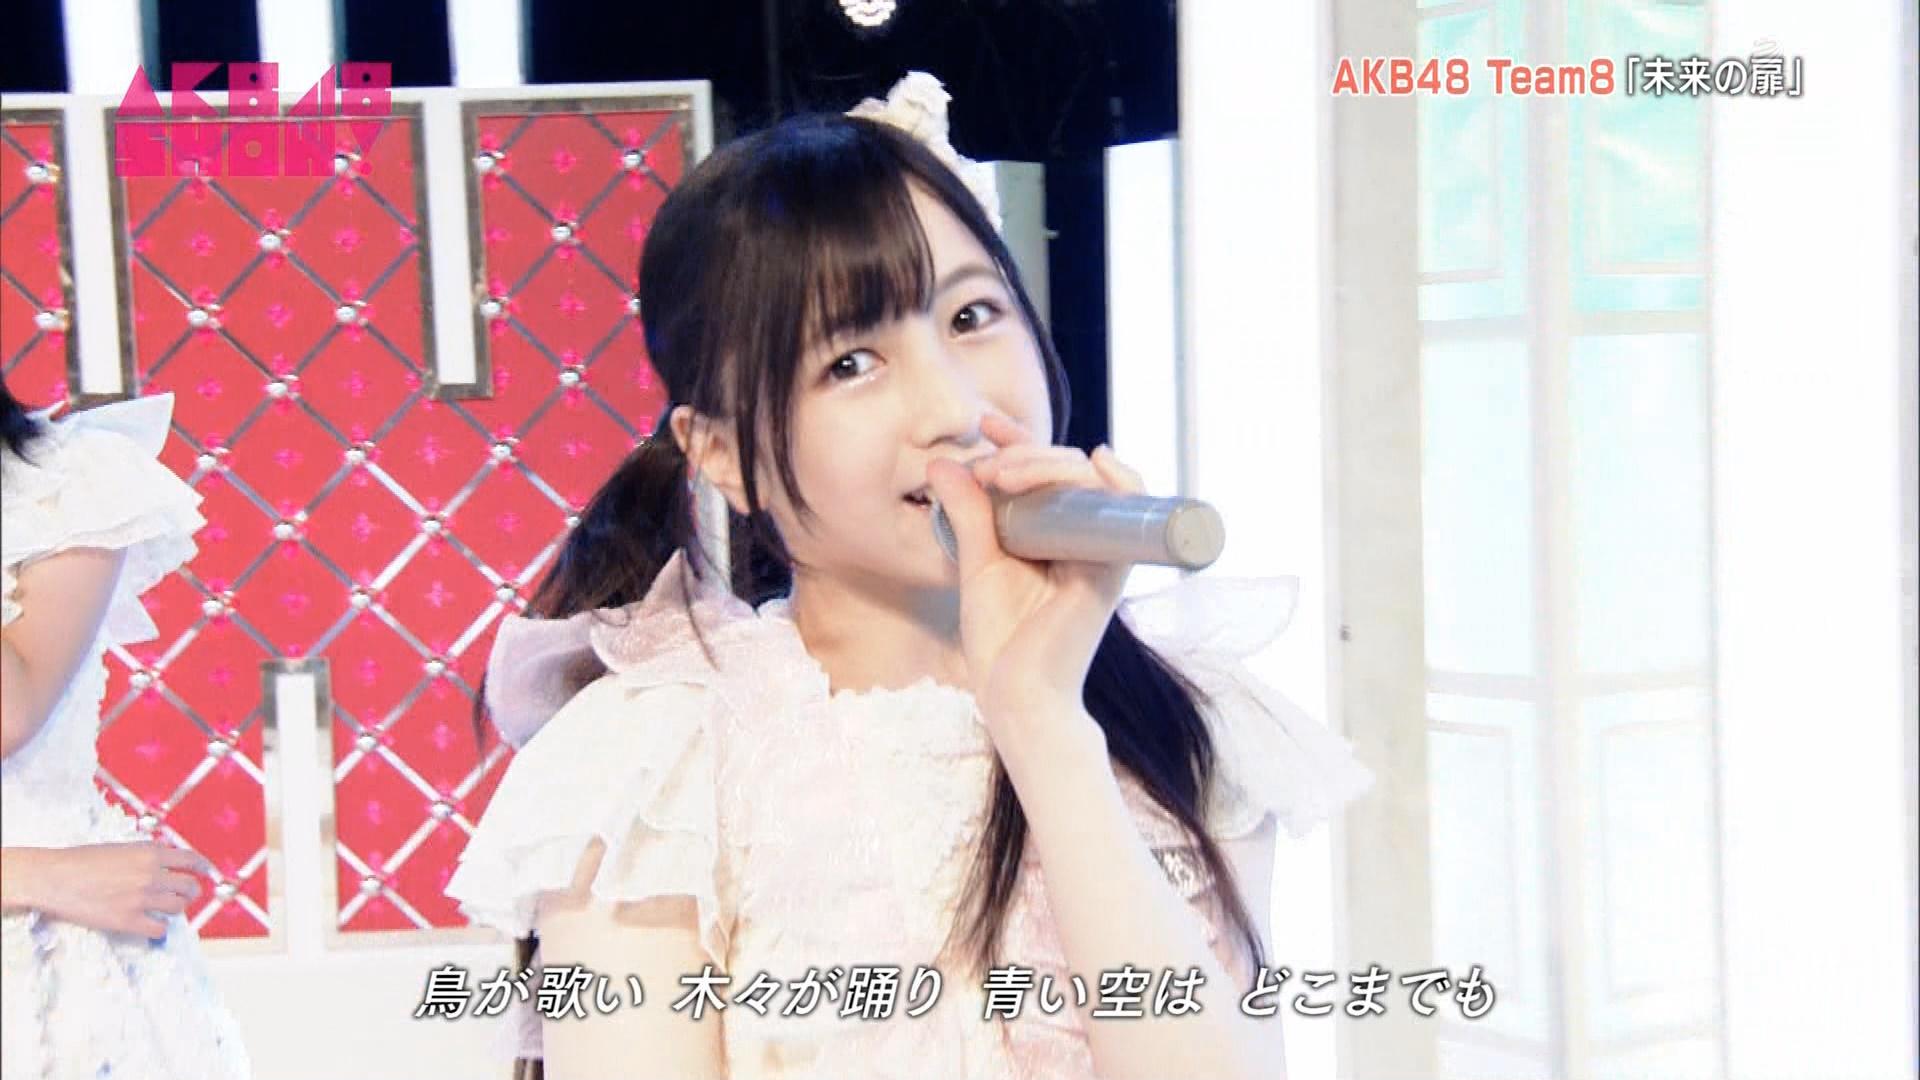 チーム8「未来の扉」が最高だった AKB48SHOW[坂口渚沙・永野芹佳・佐藤七海・小栗有以] (2)